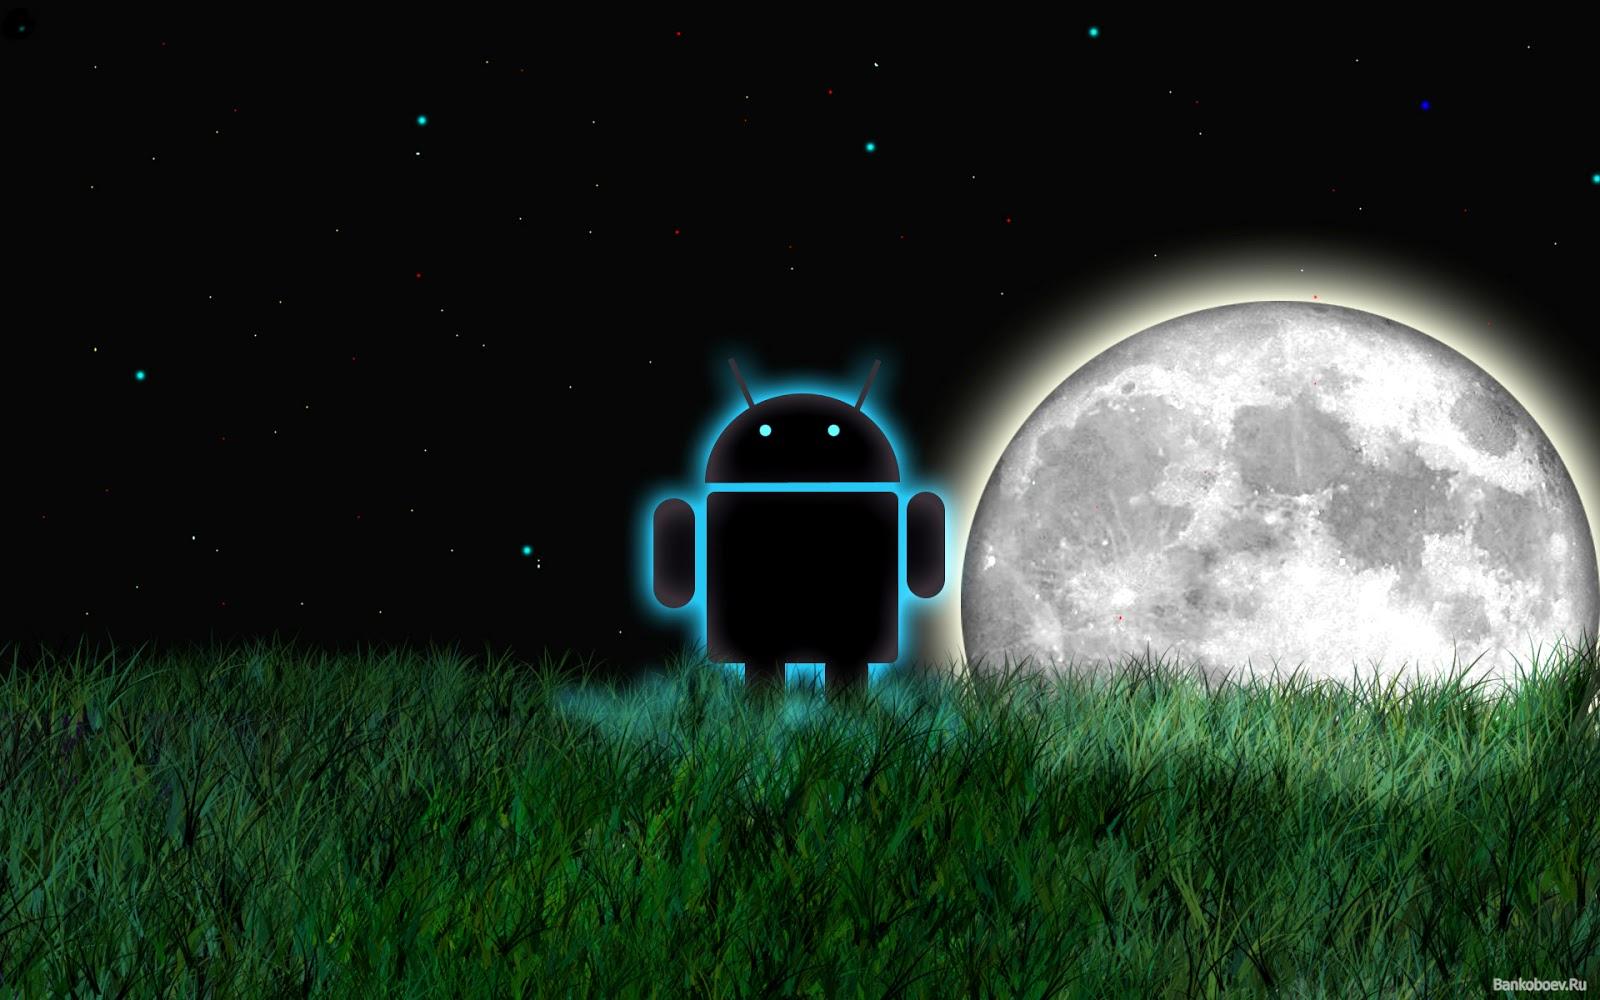 http://1.bp.blogspot.com/--djmJ8DF-to/UHuIjIKr3pI/AAAAAAAAAdA/3xj7s-tO4DM/s1600/Bankoboev.Ru_os_android.jpg